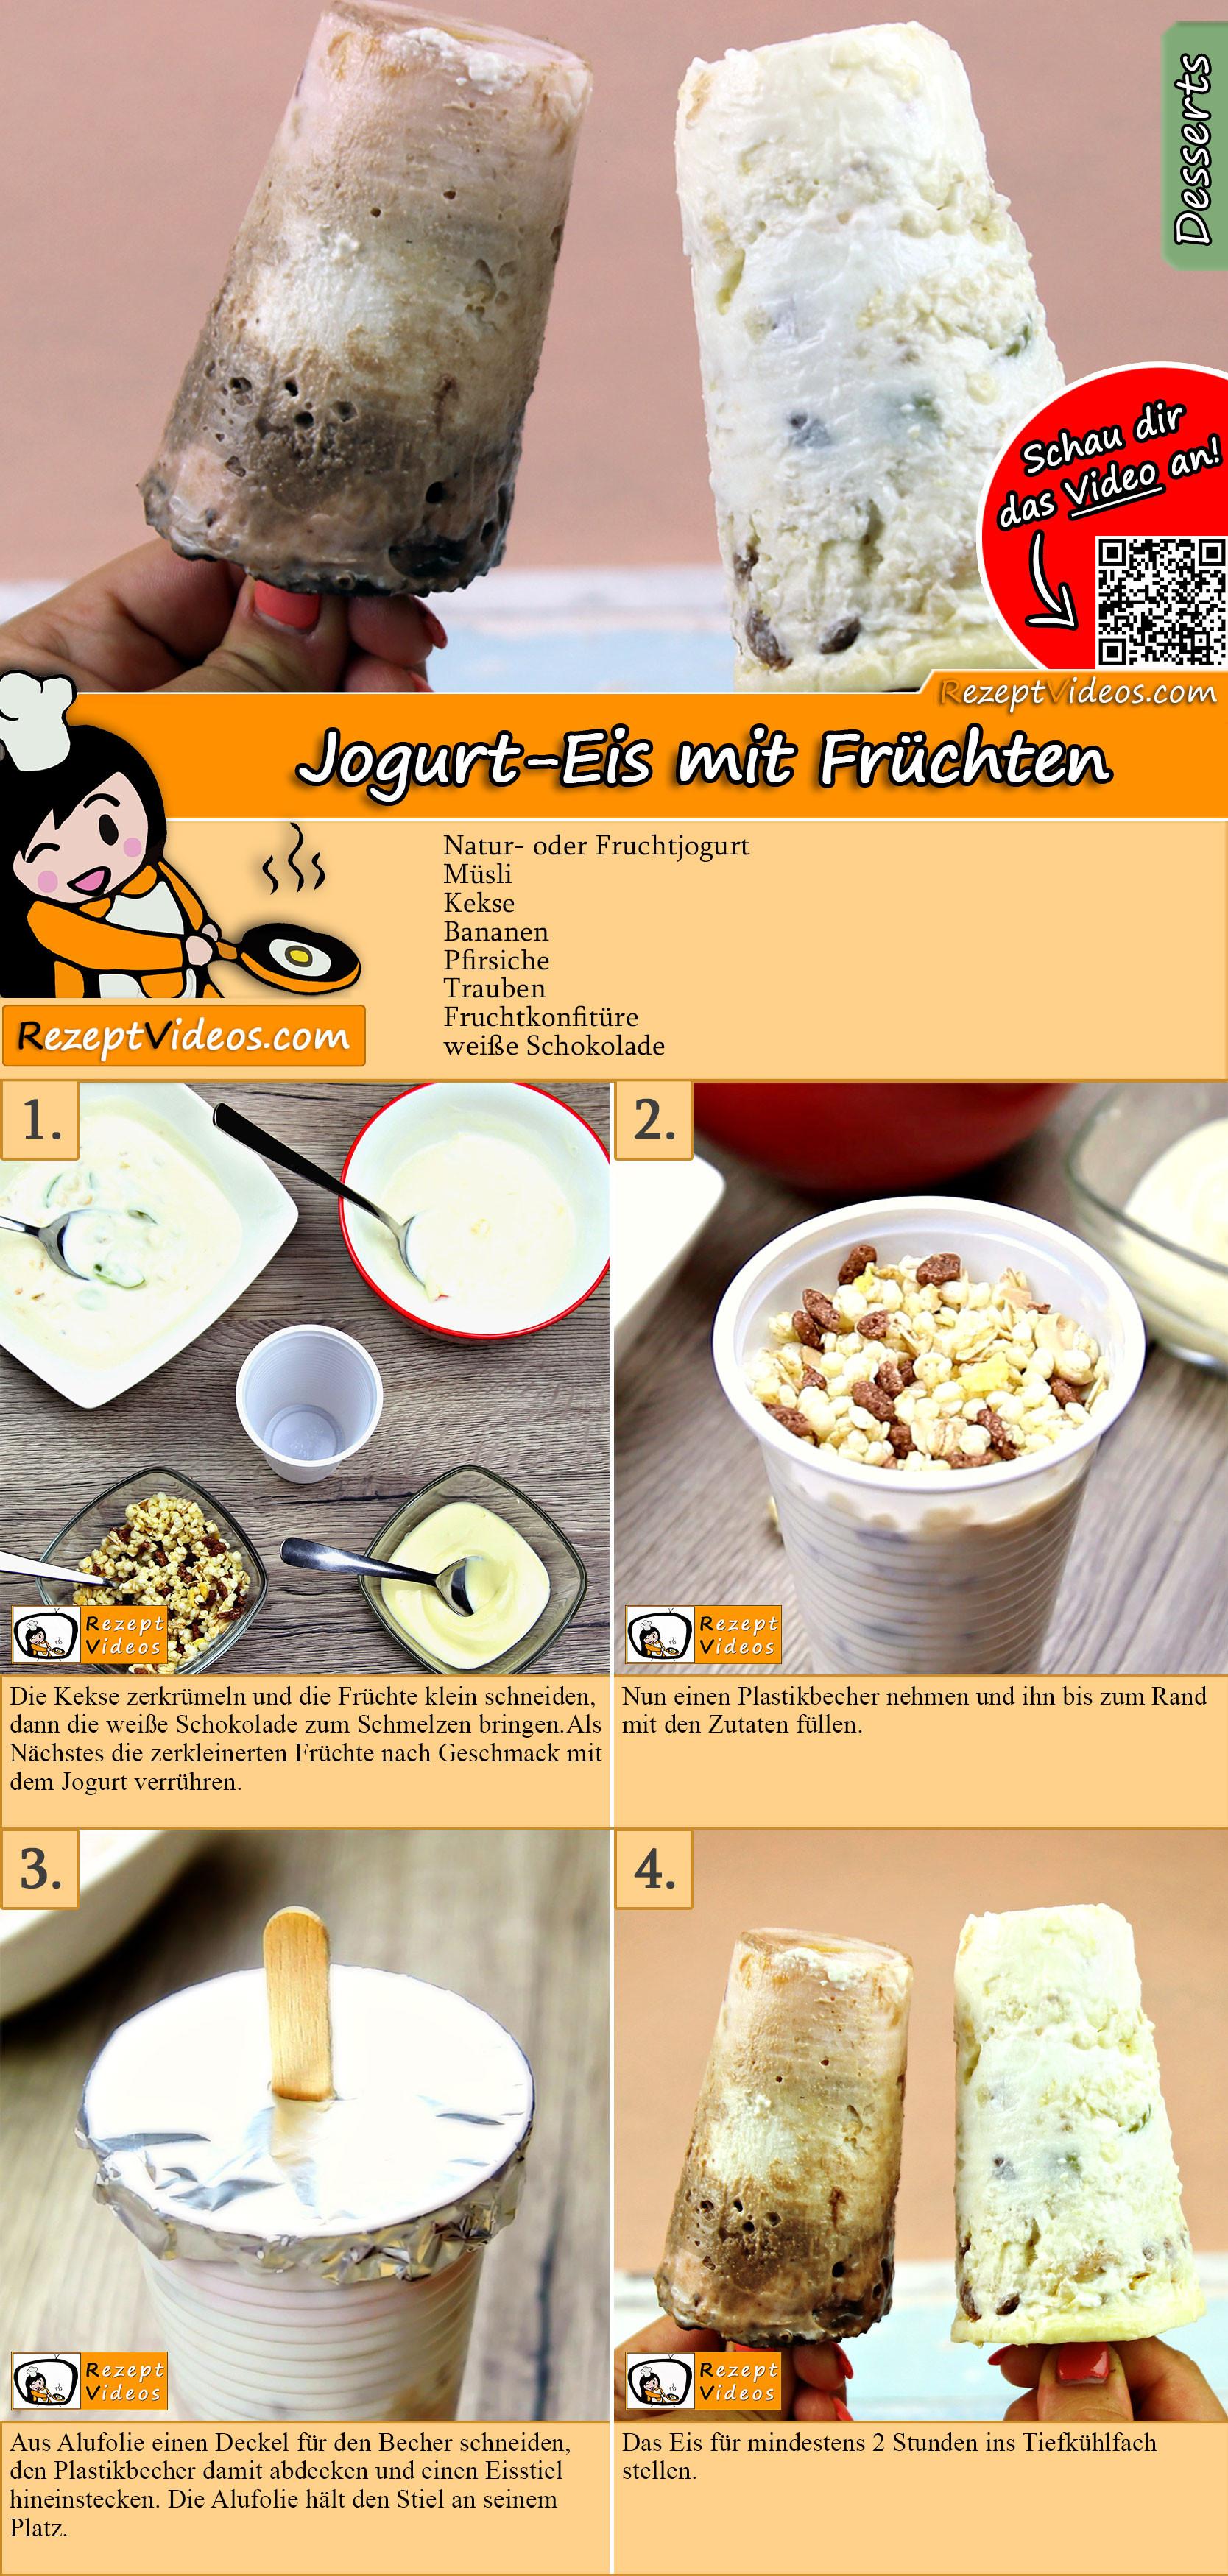 Jogurt-Eis mit Früchten Rezept mit Video